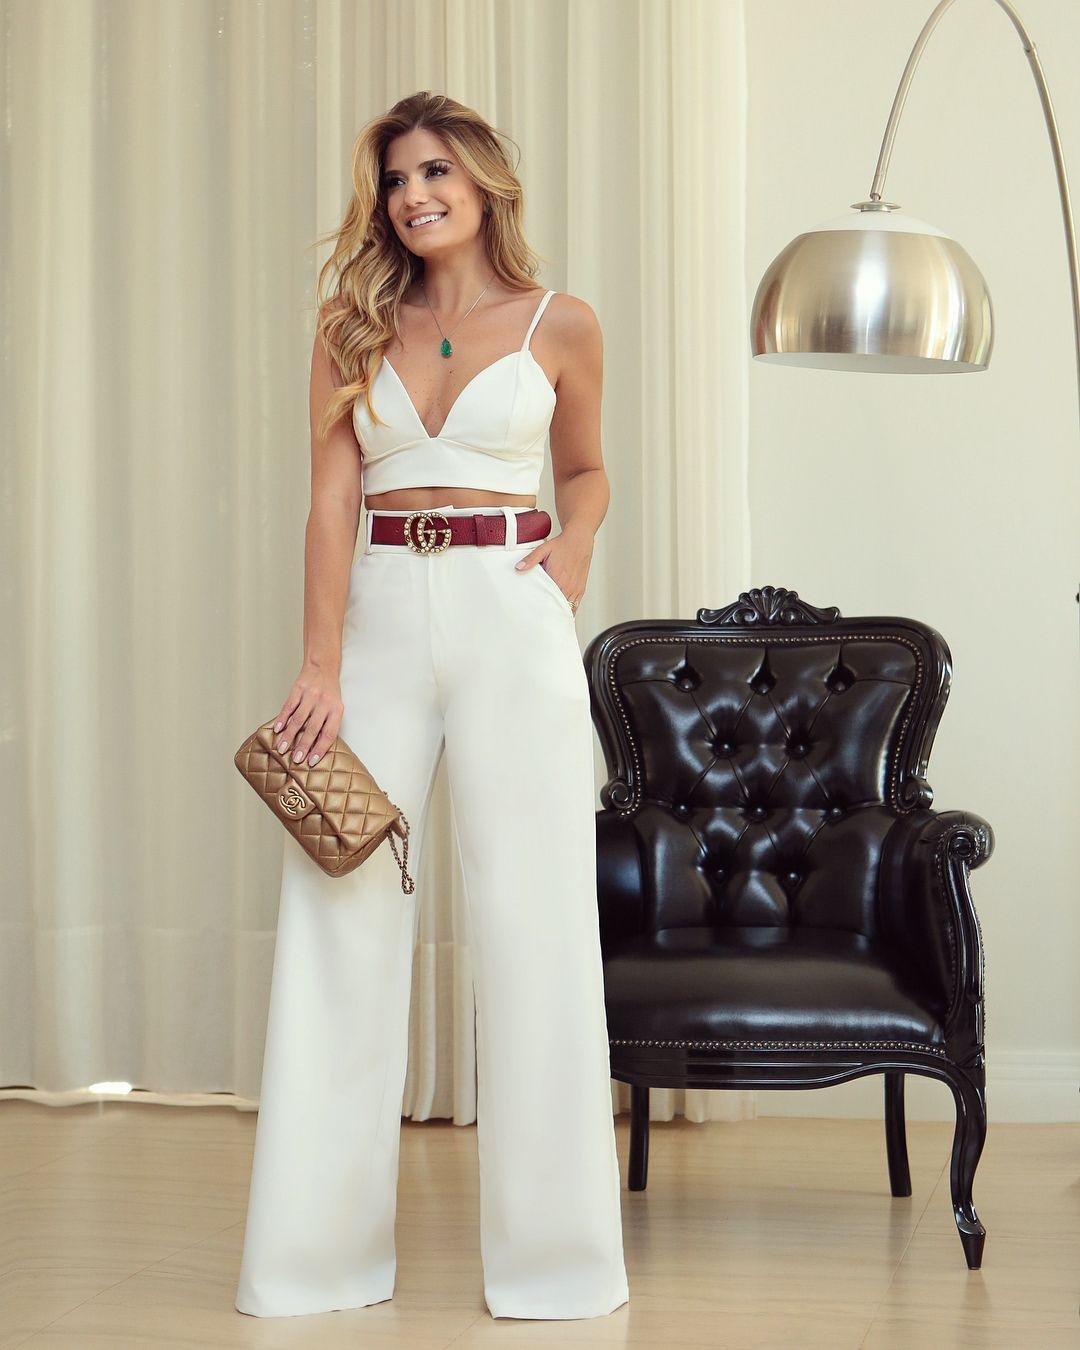 Pin de clarelis em estilo casual | Vestidos casuais verão, Calça ...